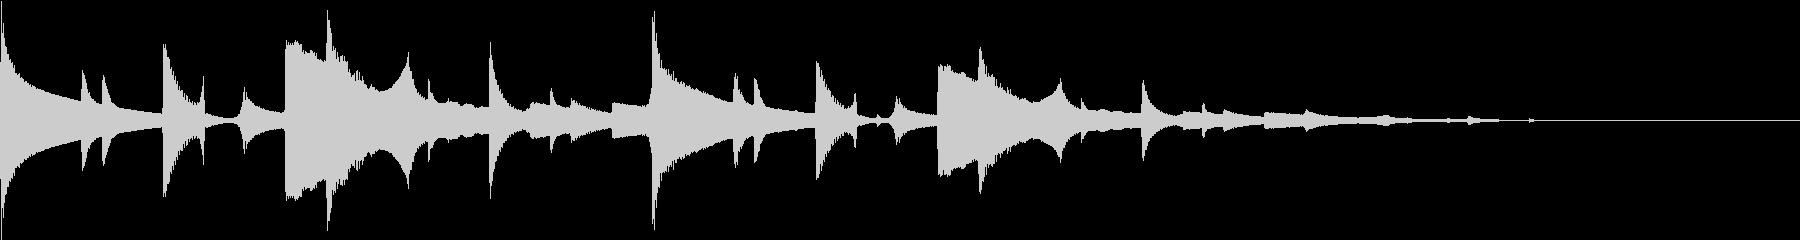 時報風 合図 ポーンの未再生の波形